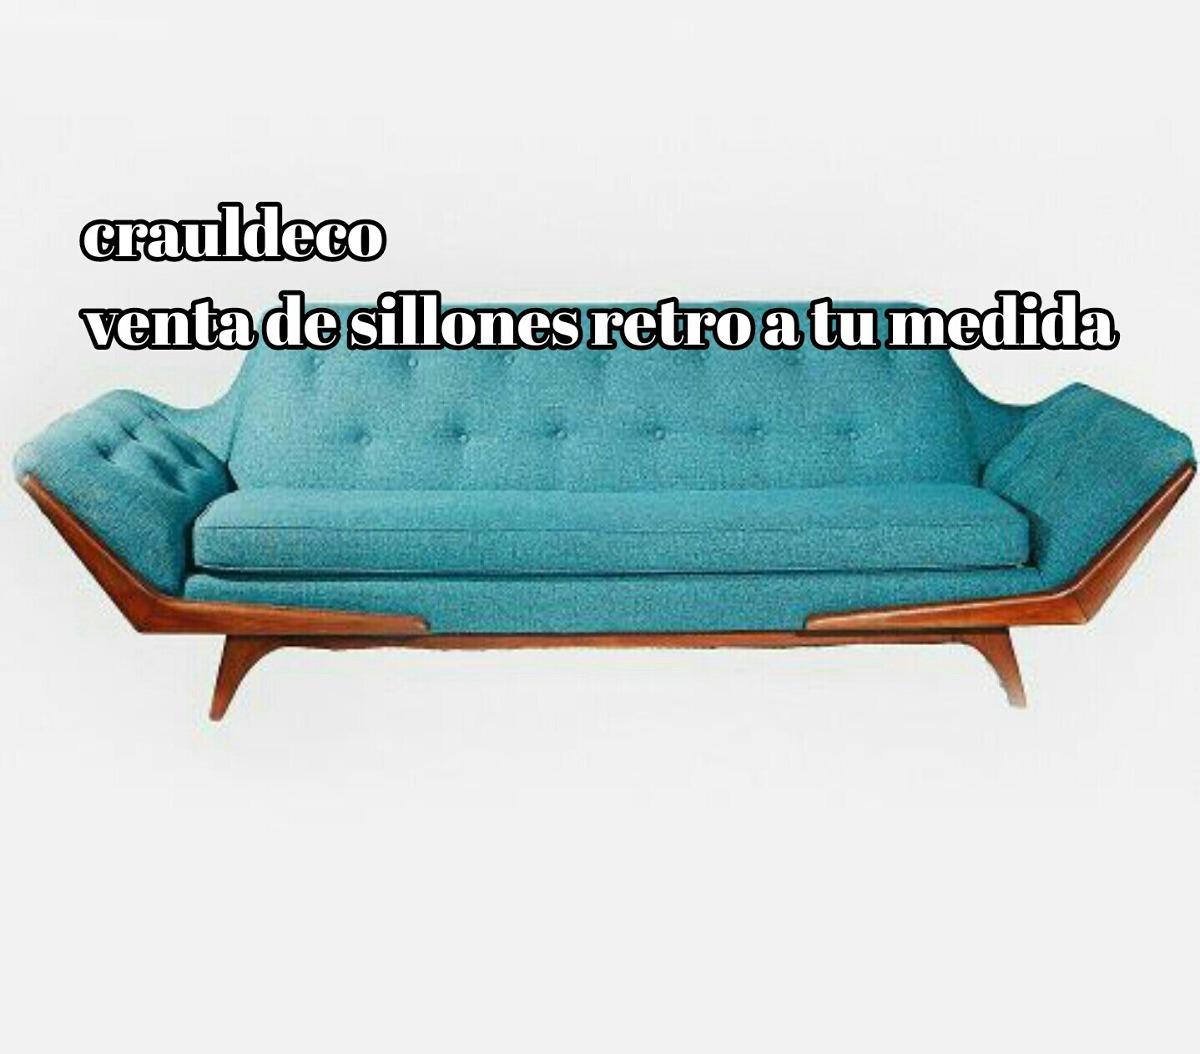 Sillones Vintage Retro Cn 5 Aos De Garantia 2280000 en